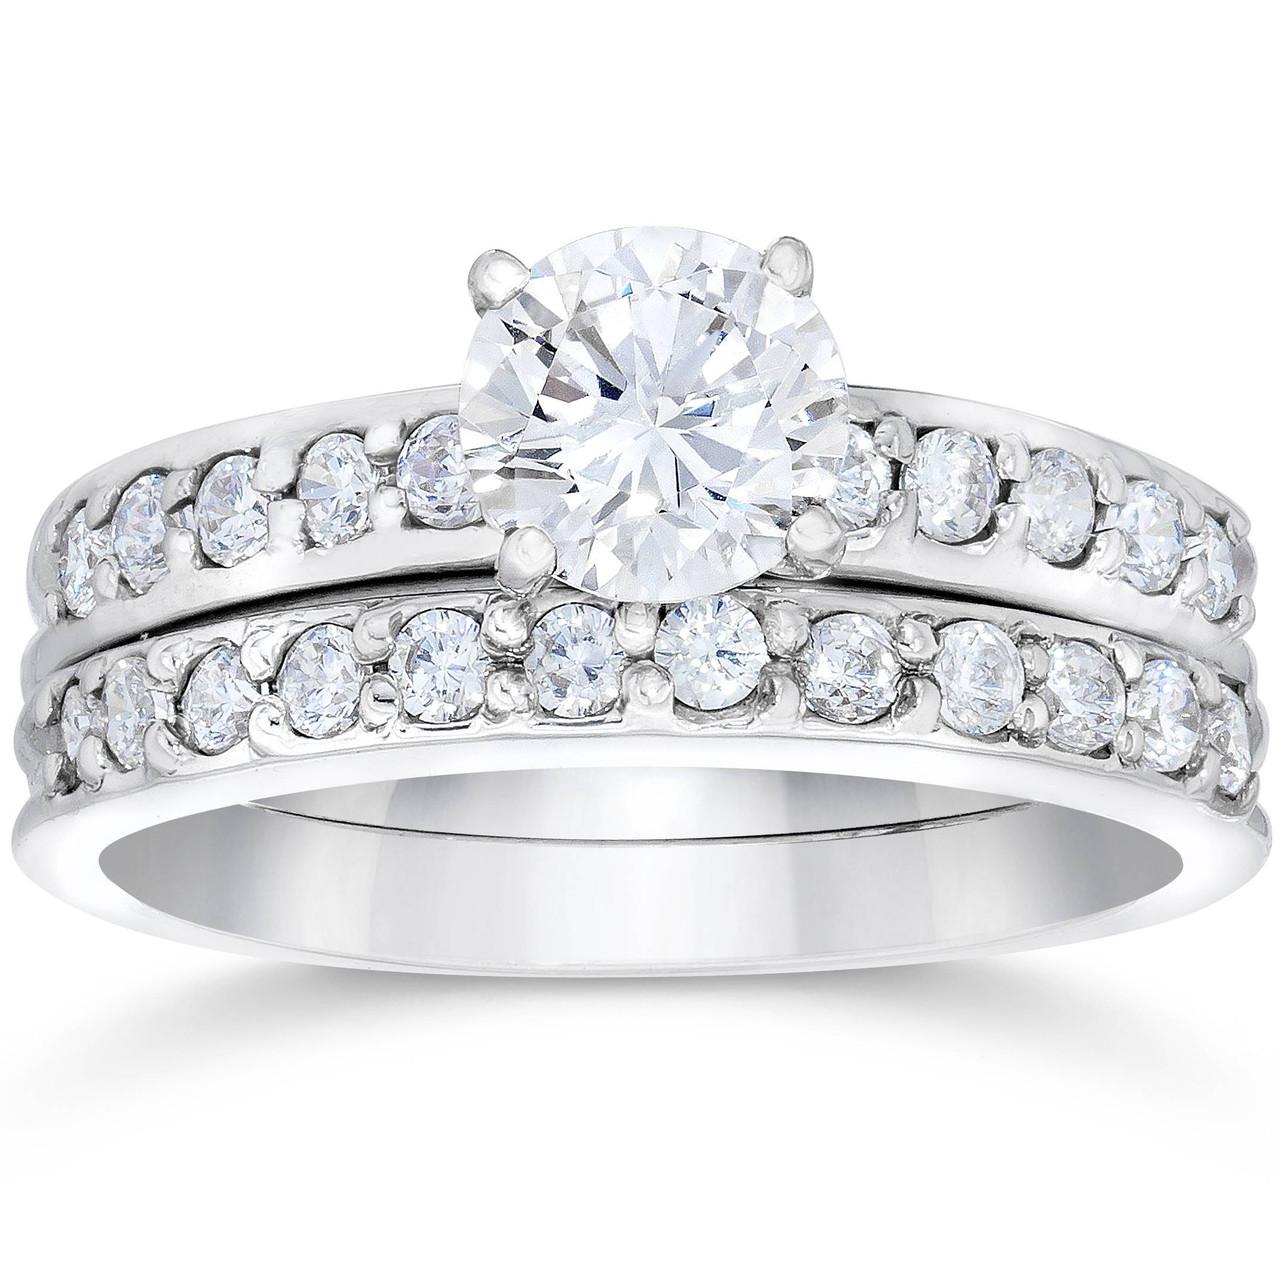 1 Carat Diamond Engagement Ring Matching Wedding Band Prong Set 14k